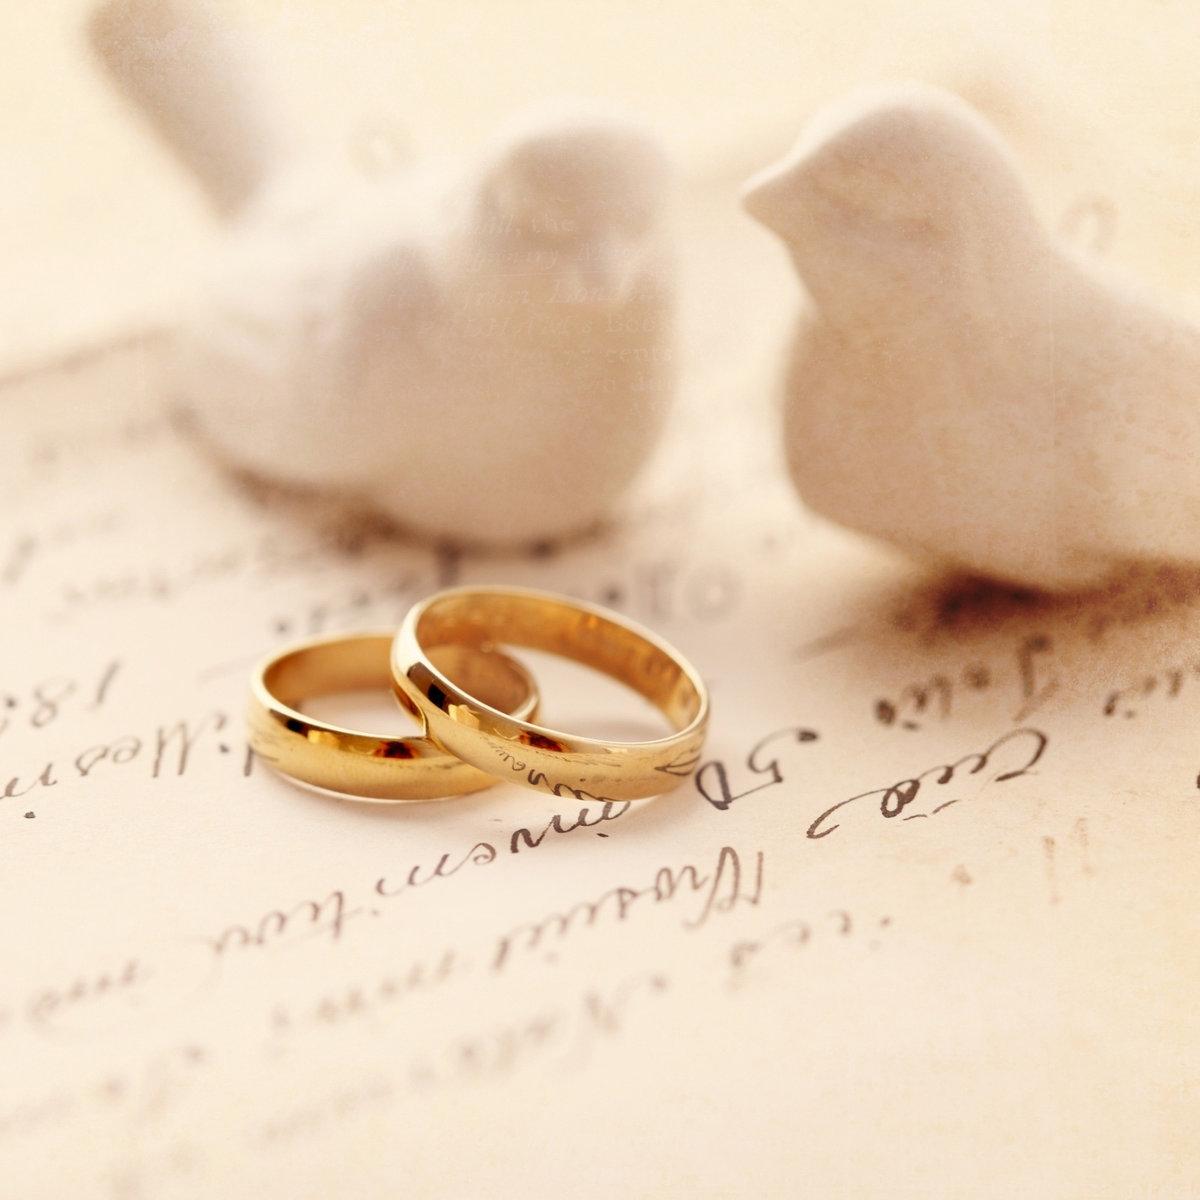 С первой годовщиной свадьбы поздравления лучшее6